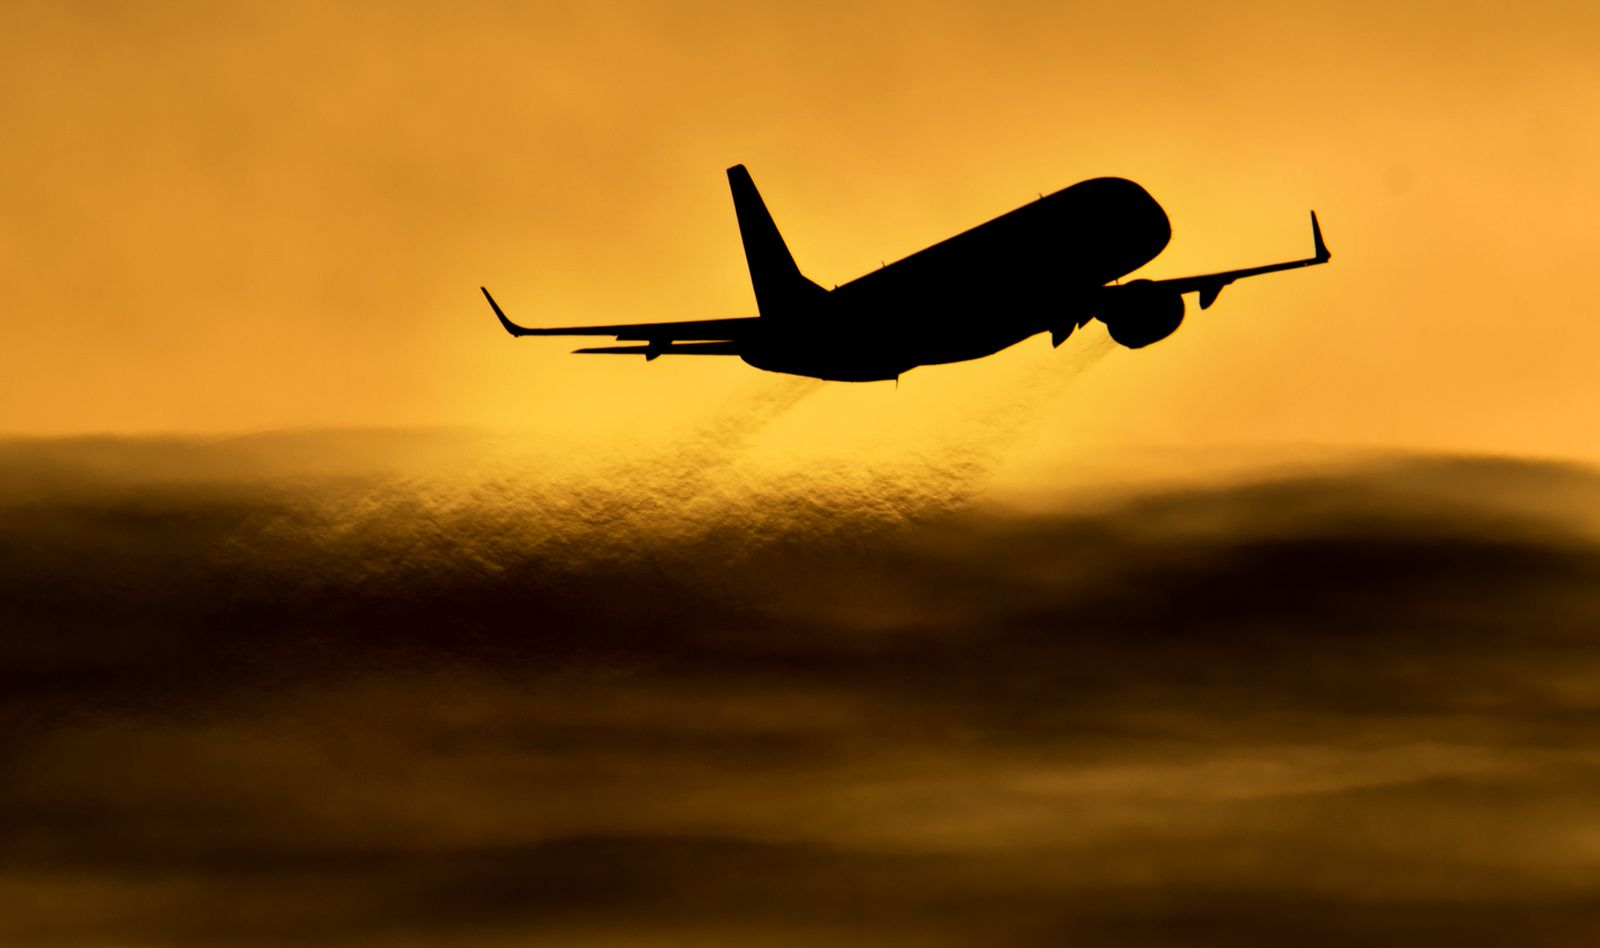 Airbus / Luftfahrtindustrie / Luftfahrt